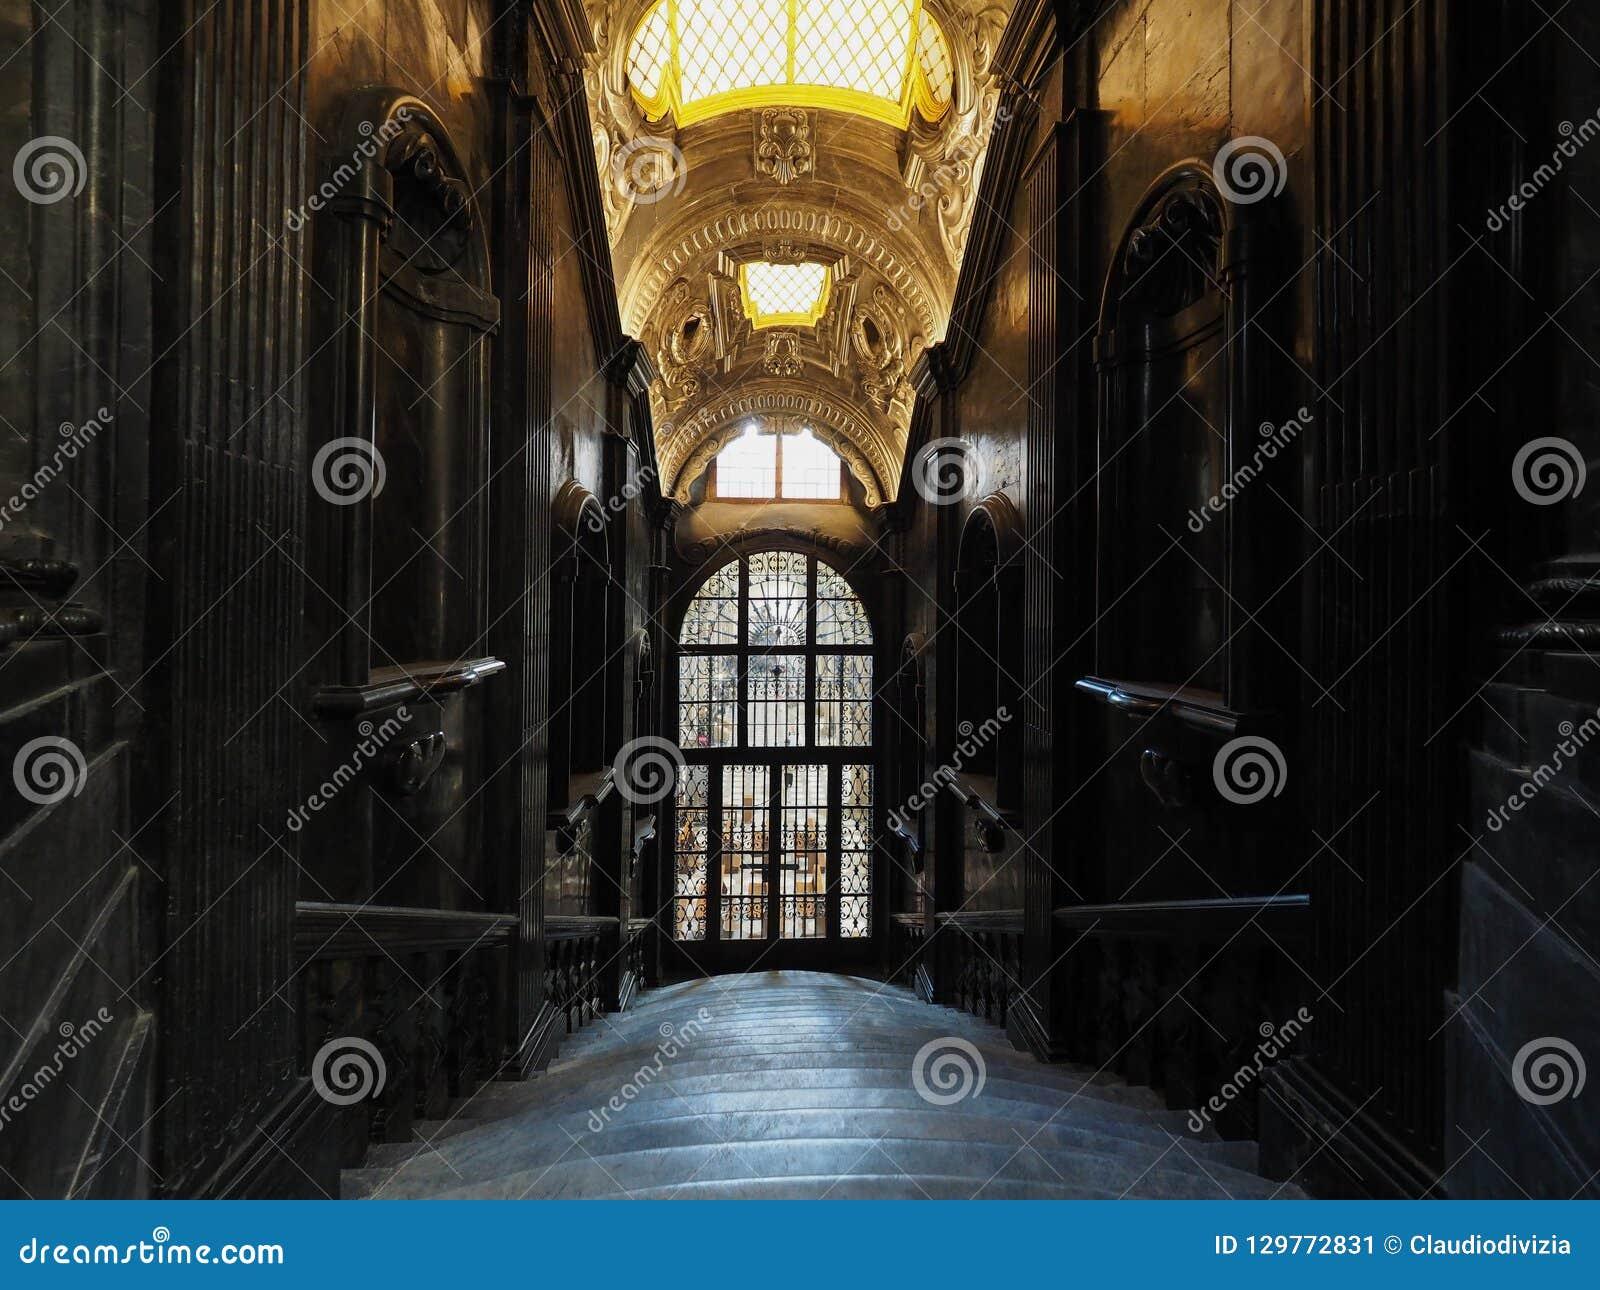 Cappella Della Sindone In Turin Stock Image - Image of torino